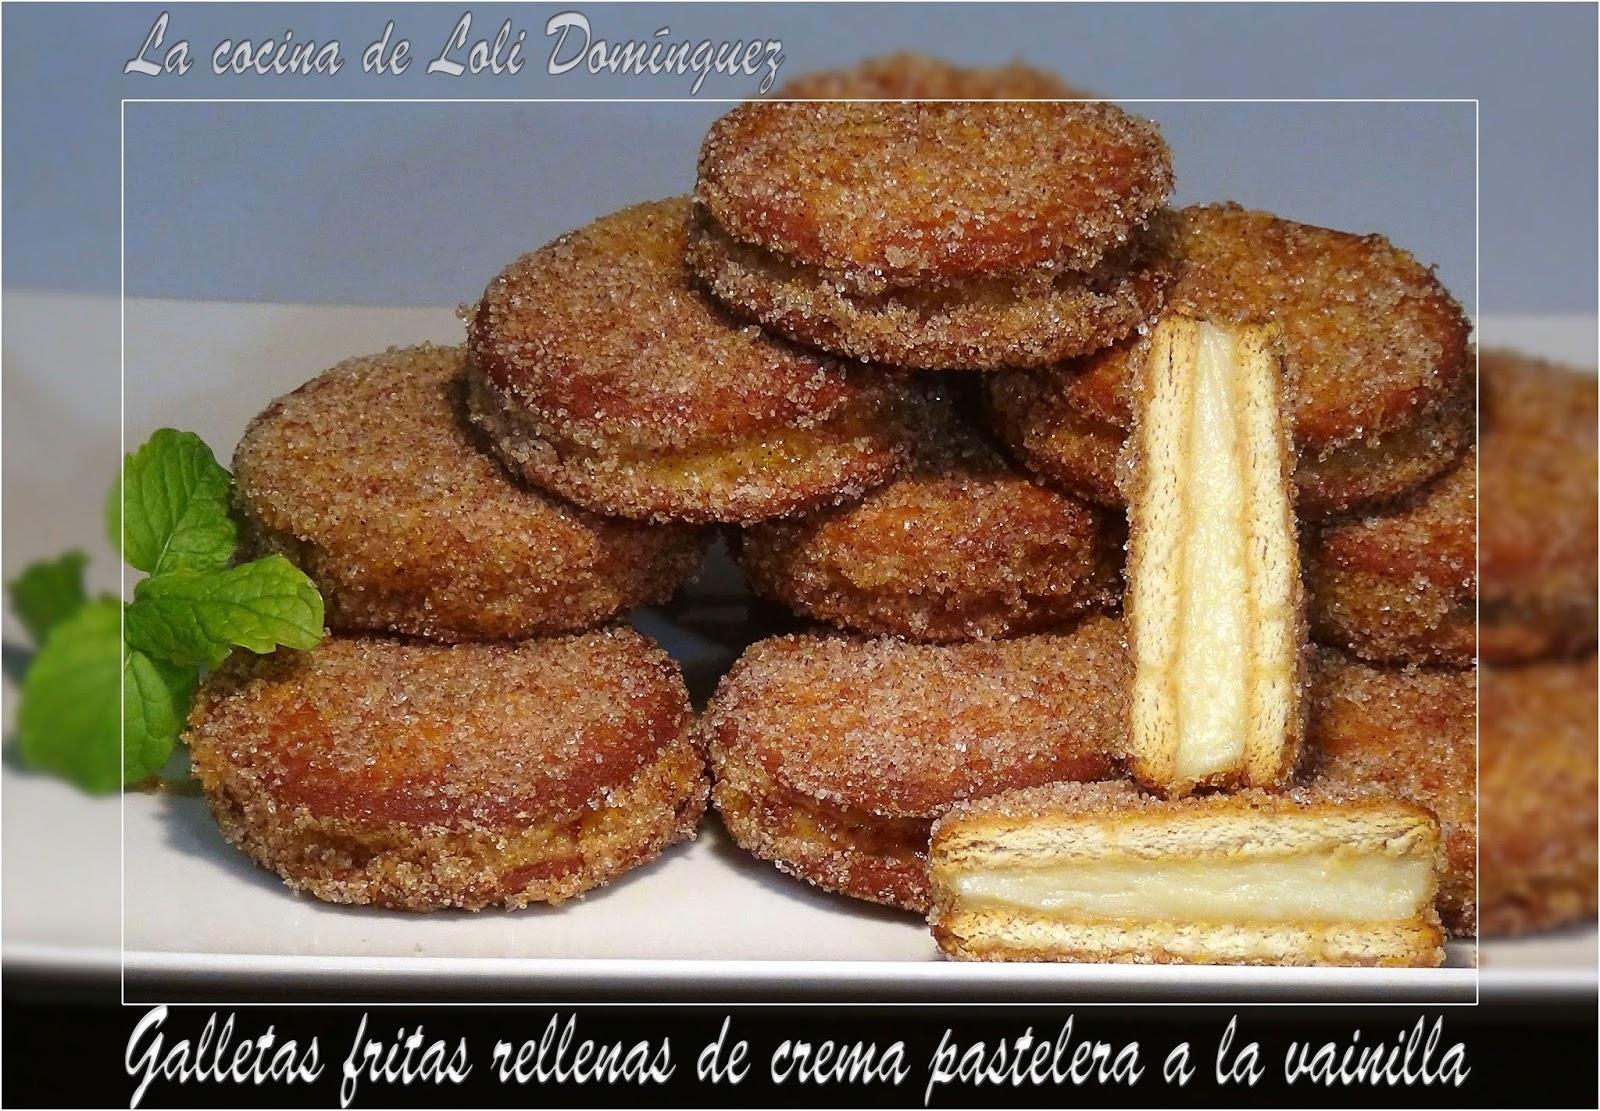 la cocina de loli dom nguez galletas fritas rellenas de